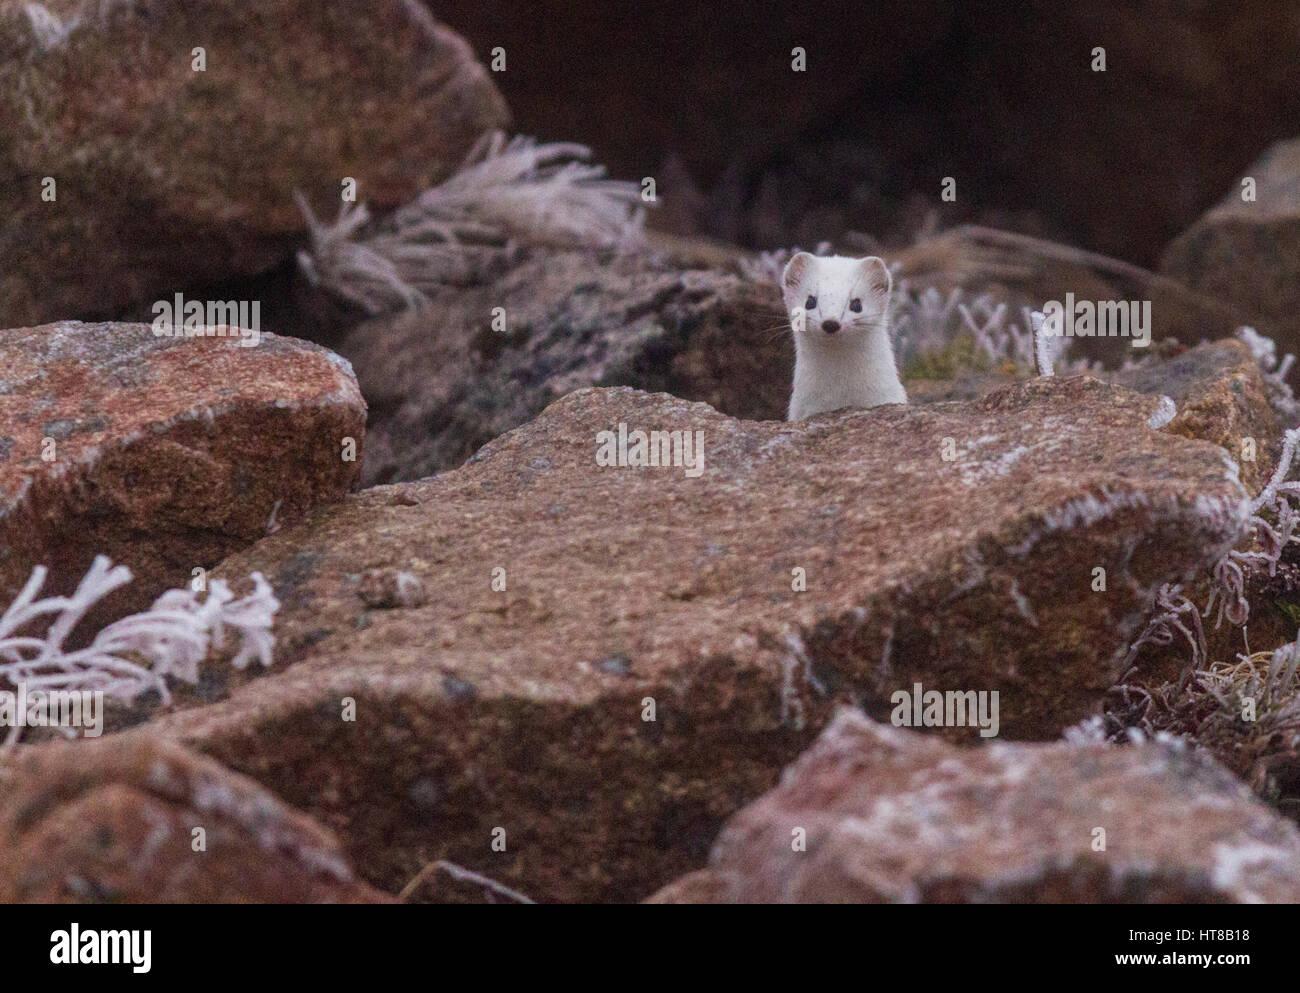 El armiño Mustela erminea, habiendo blanco piel de invierno, mirando hacia arriba entre las rocas mirando a Imagen De Stock